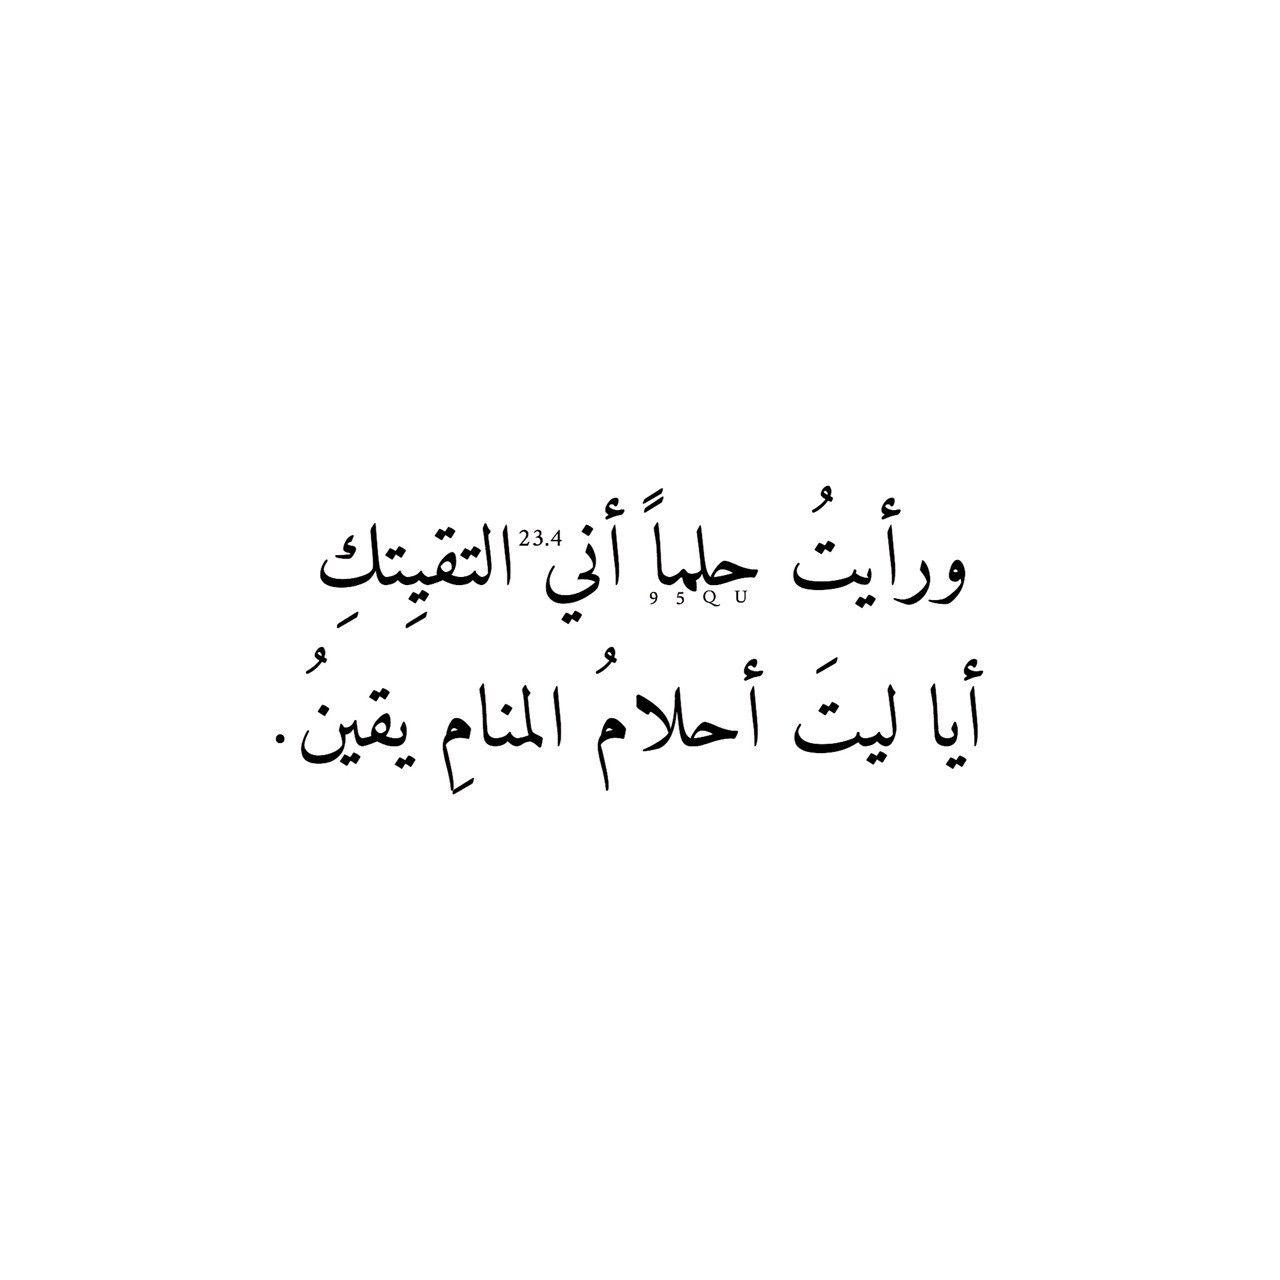 و رأيت ح لما أني التقيتك أيا ليت أحلام المنام يقين Words Quotes Quran Quotes Book Quotes